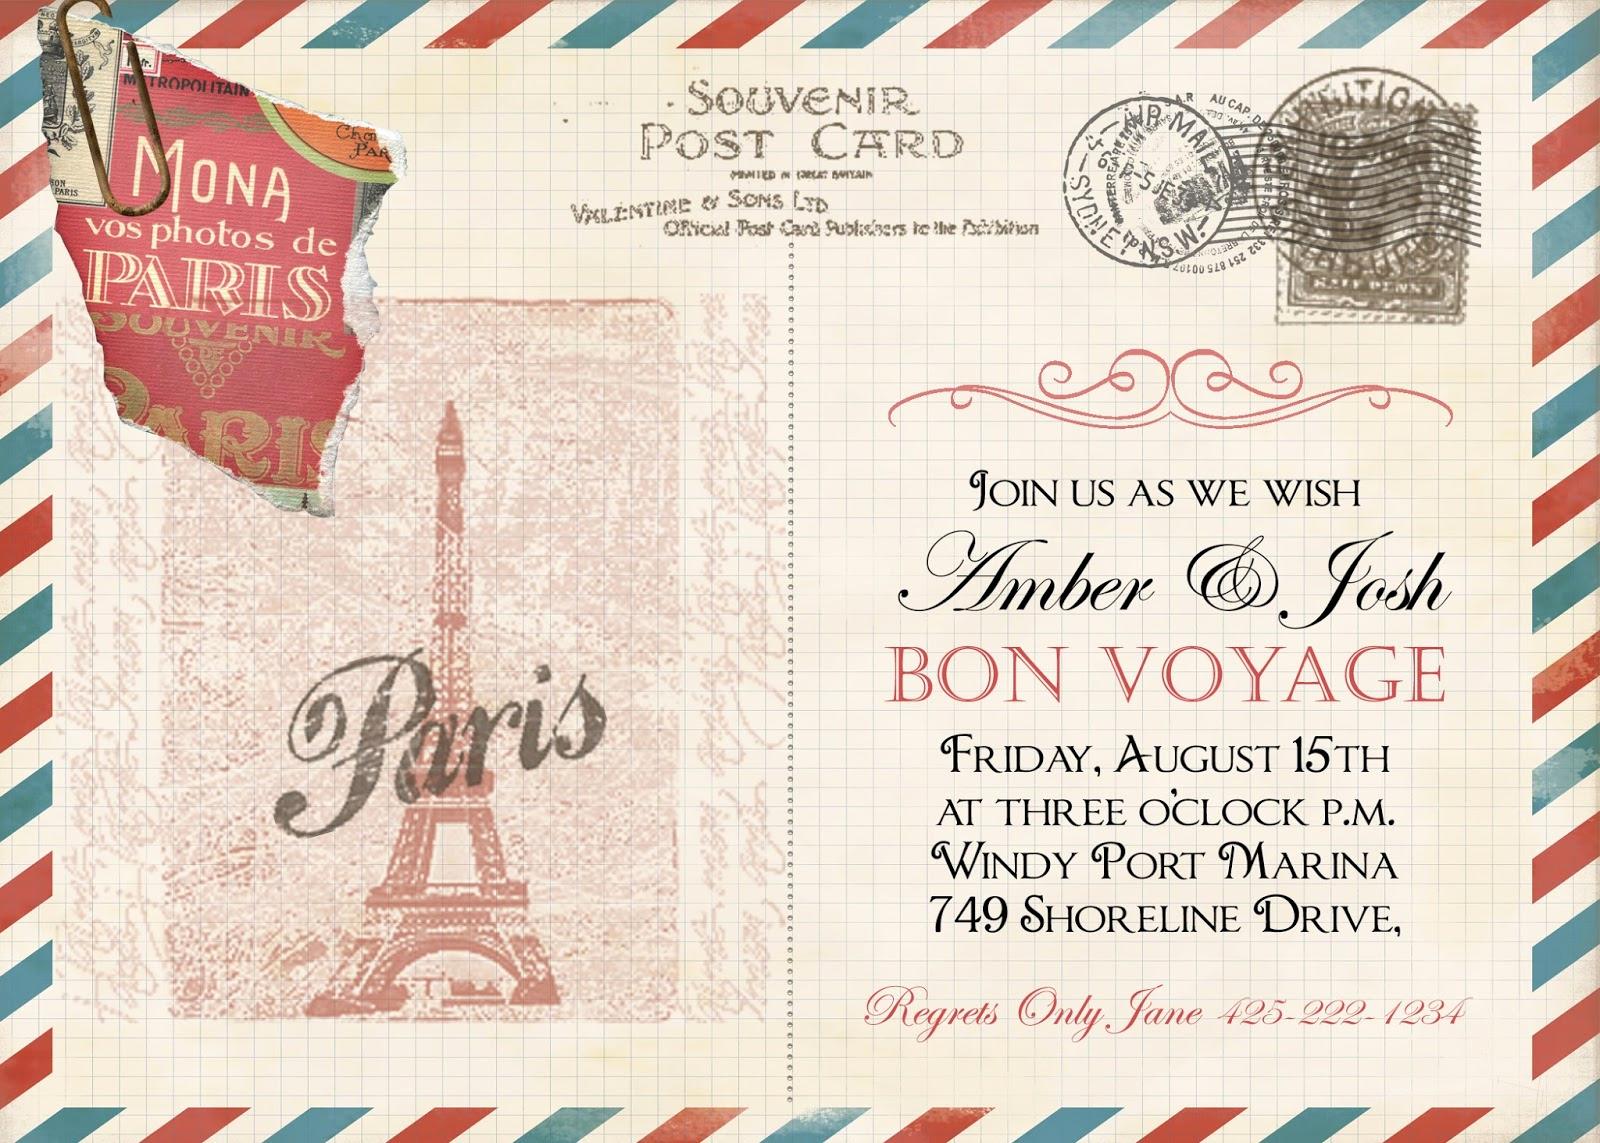 Bon Voyage Party Invitation Unique Sugar and Spice Invitations Bon Voyage Vintage Post Card